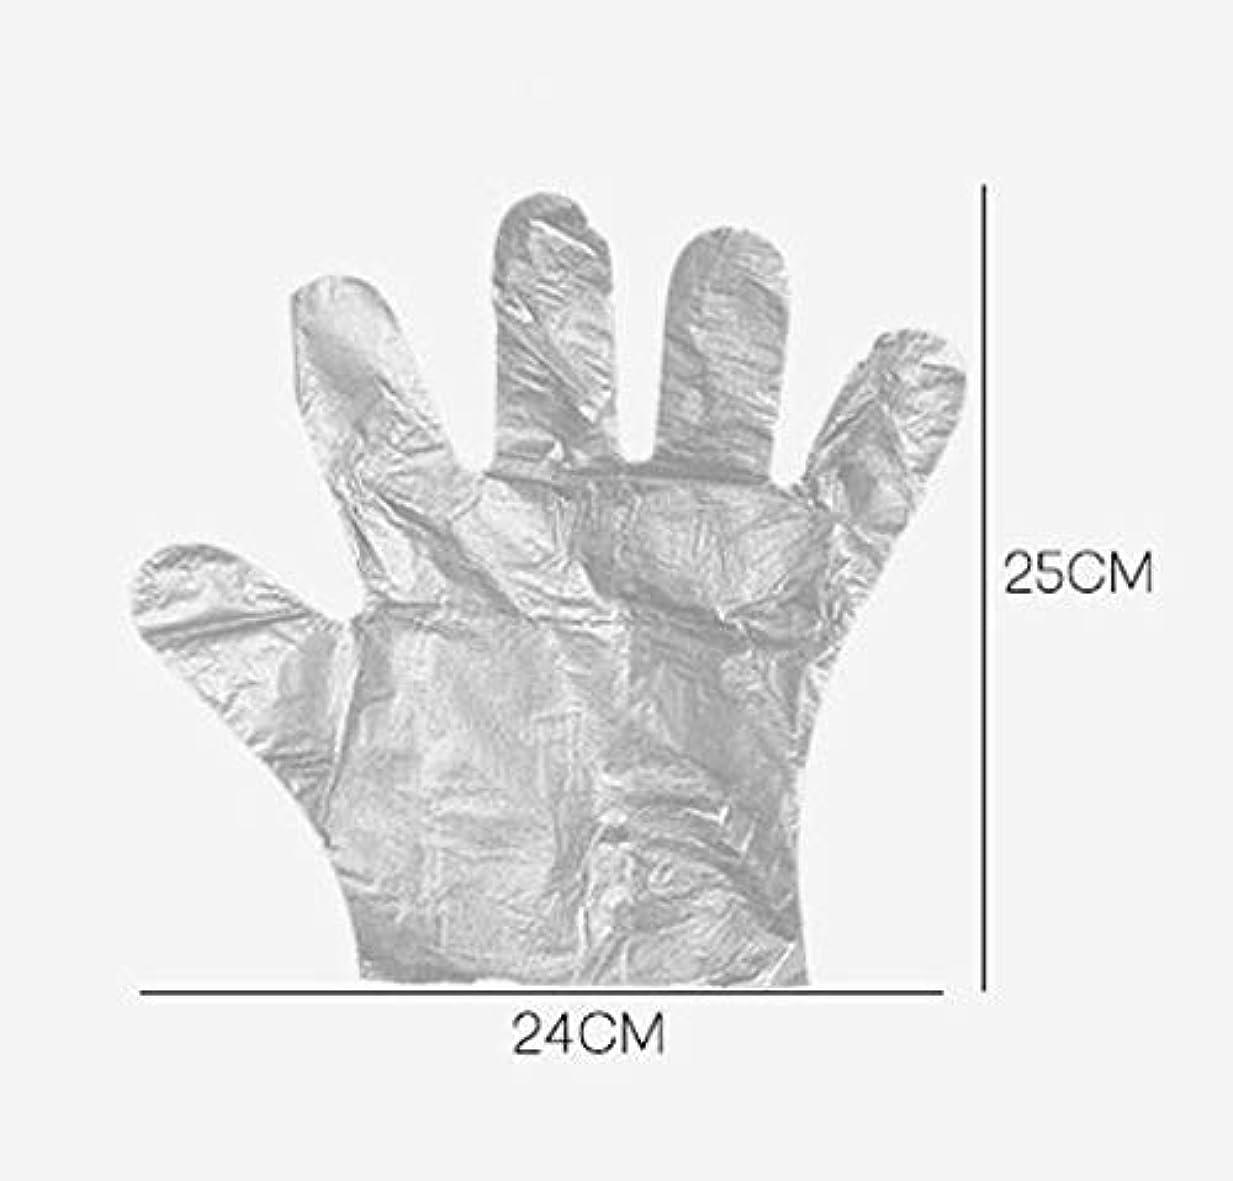 頼る反対シーボードHJ ポリ手袋 使い捨て手袋 ポリエチレン使い切り手袋 極薄い 使い切り手袋 透明手袋 耐油 防水 介護 トイレ掃除 左右兼用 手荒れを防ぎ 素手 薄いタイプ (1000ペアセット)